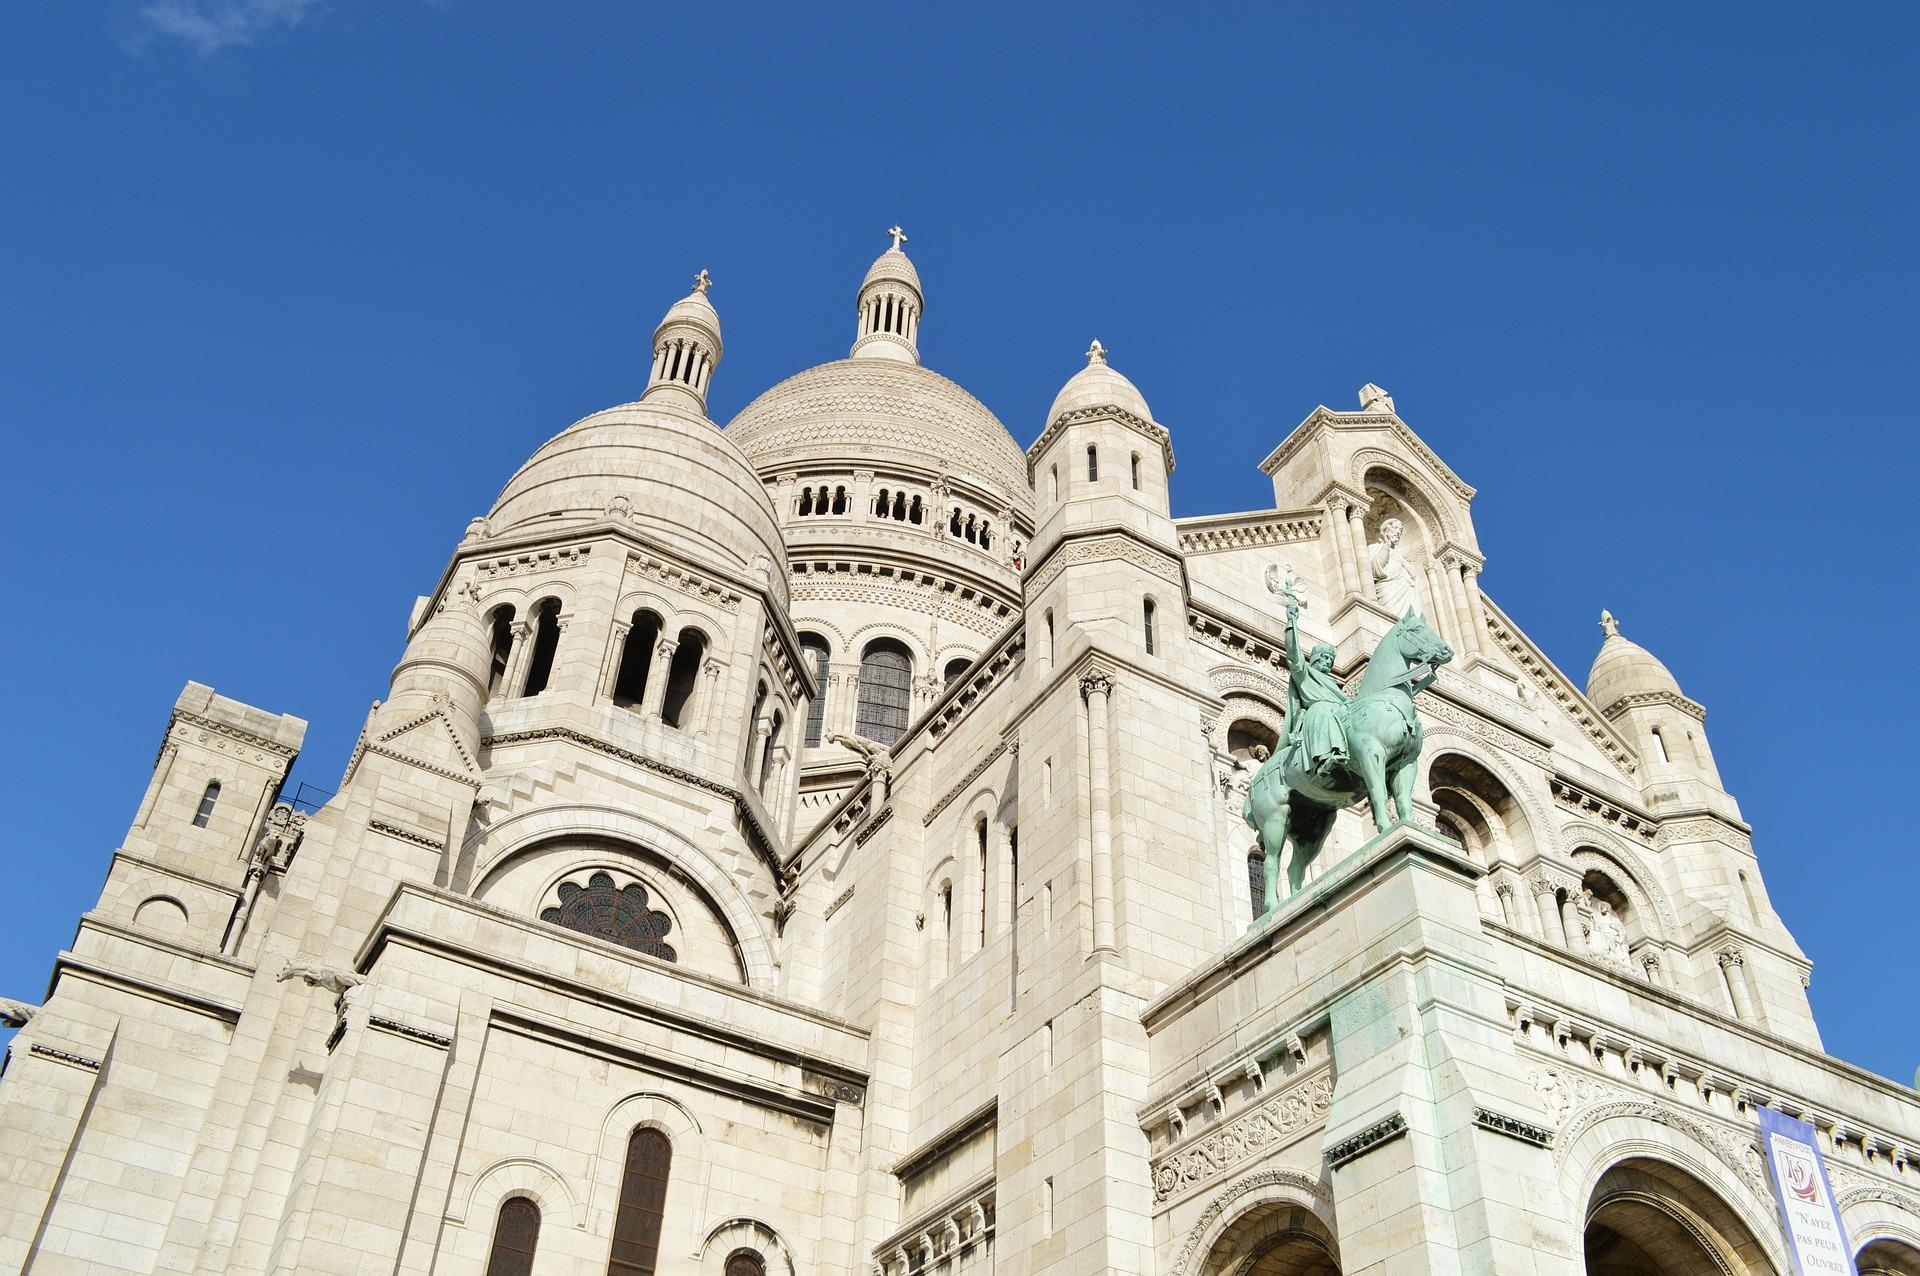 Paryż - miasto zabytków